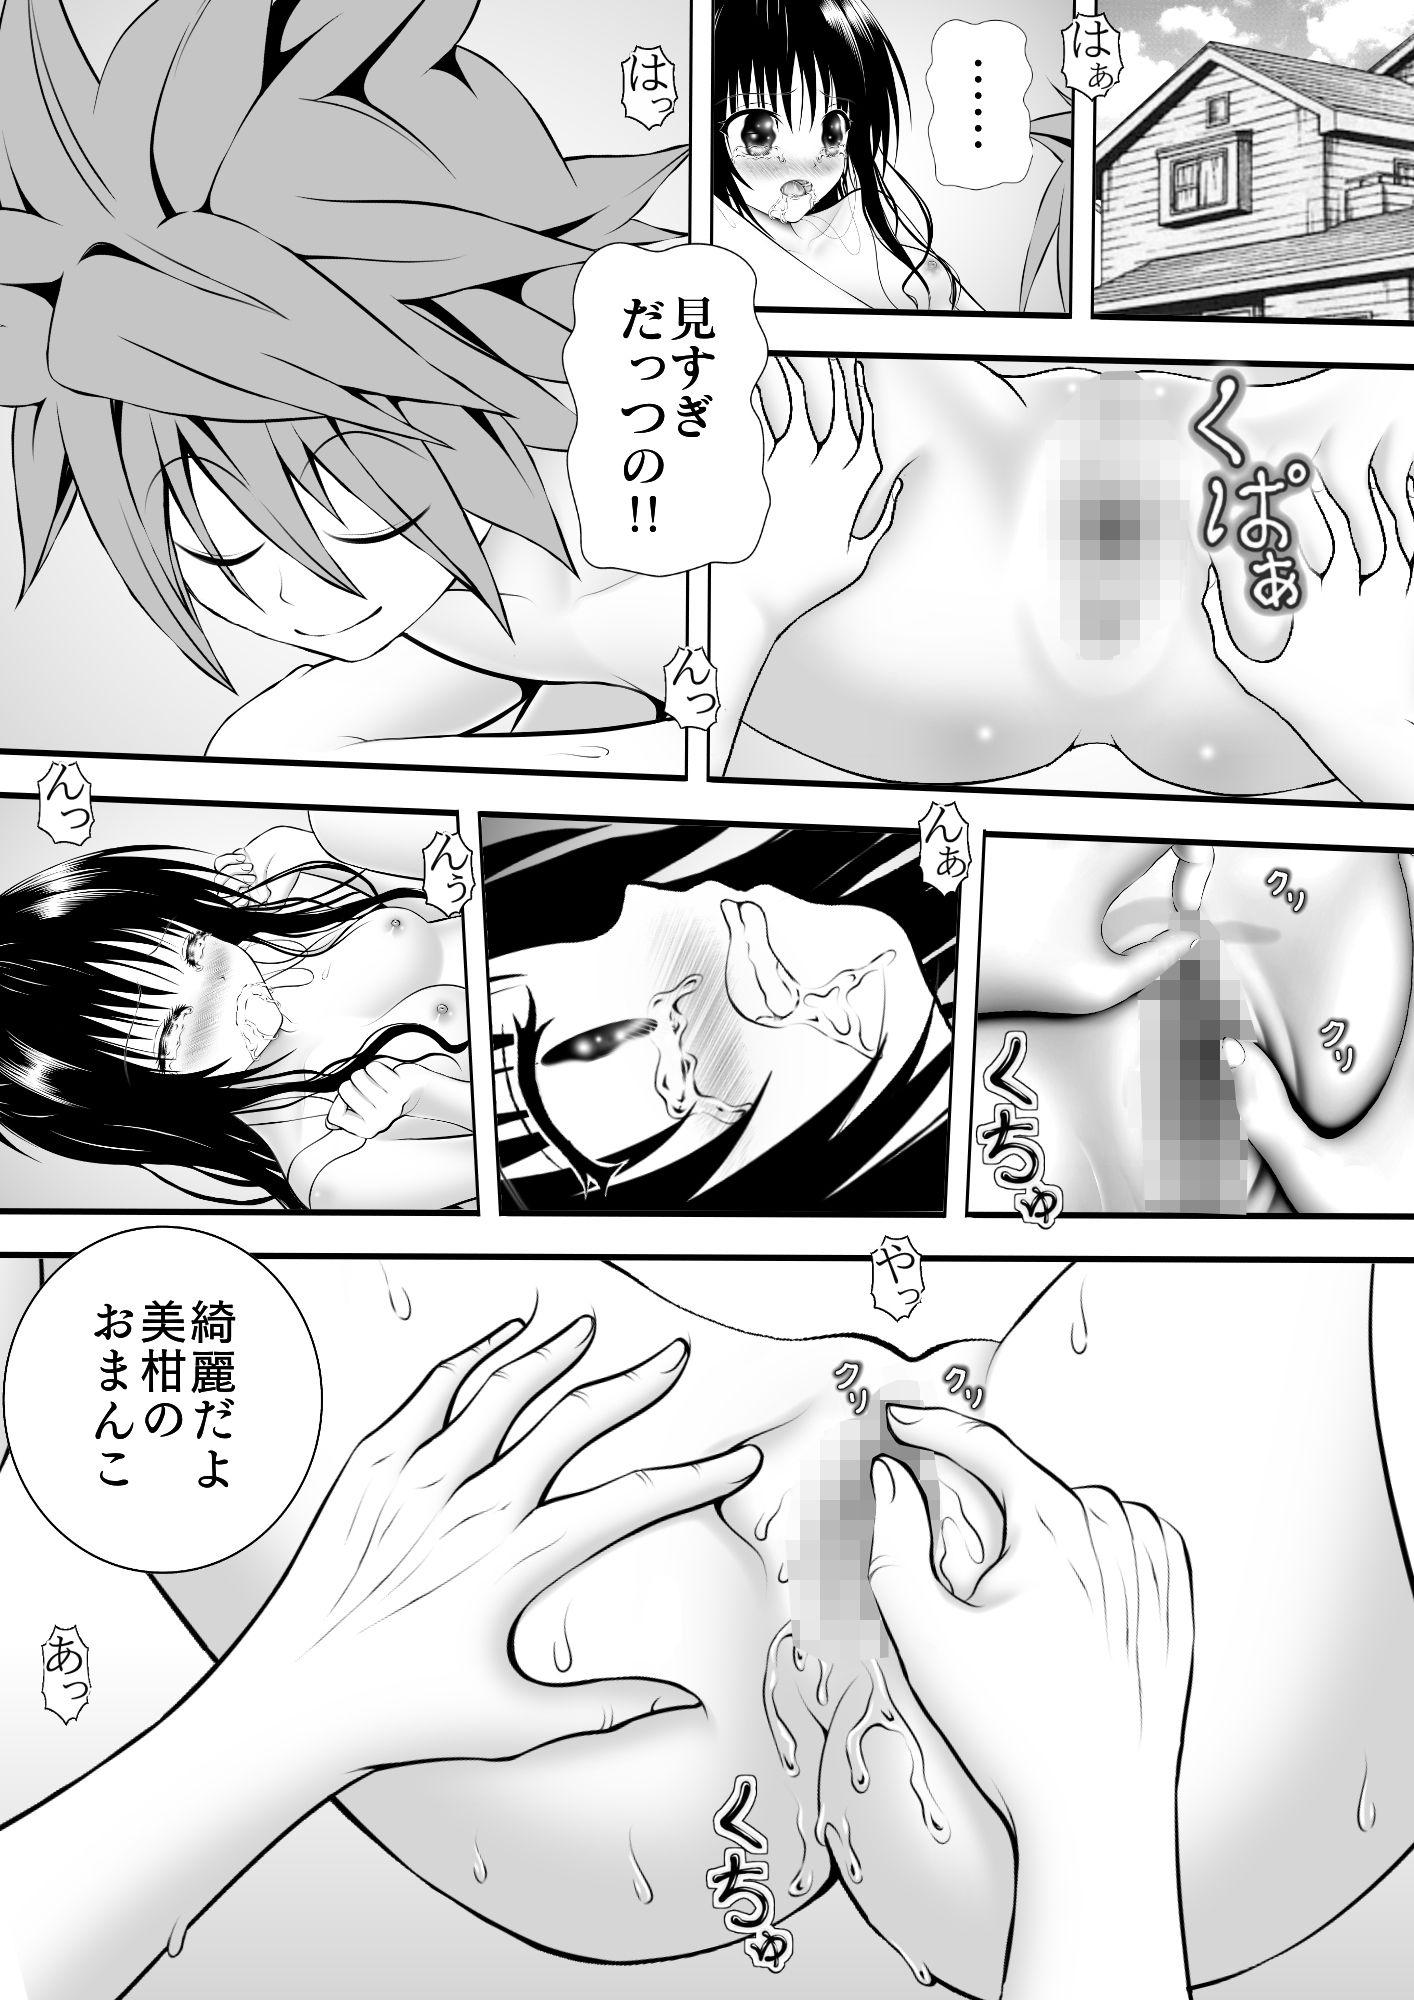 あらぶる~兄妹の晩餐~アニメ画像